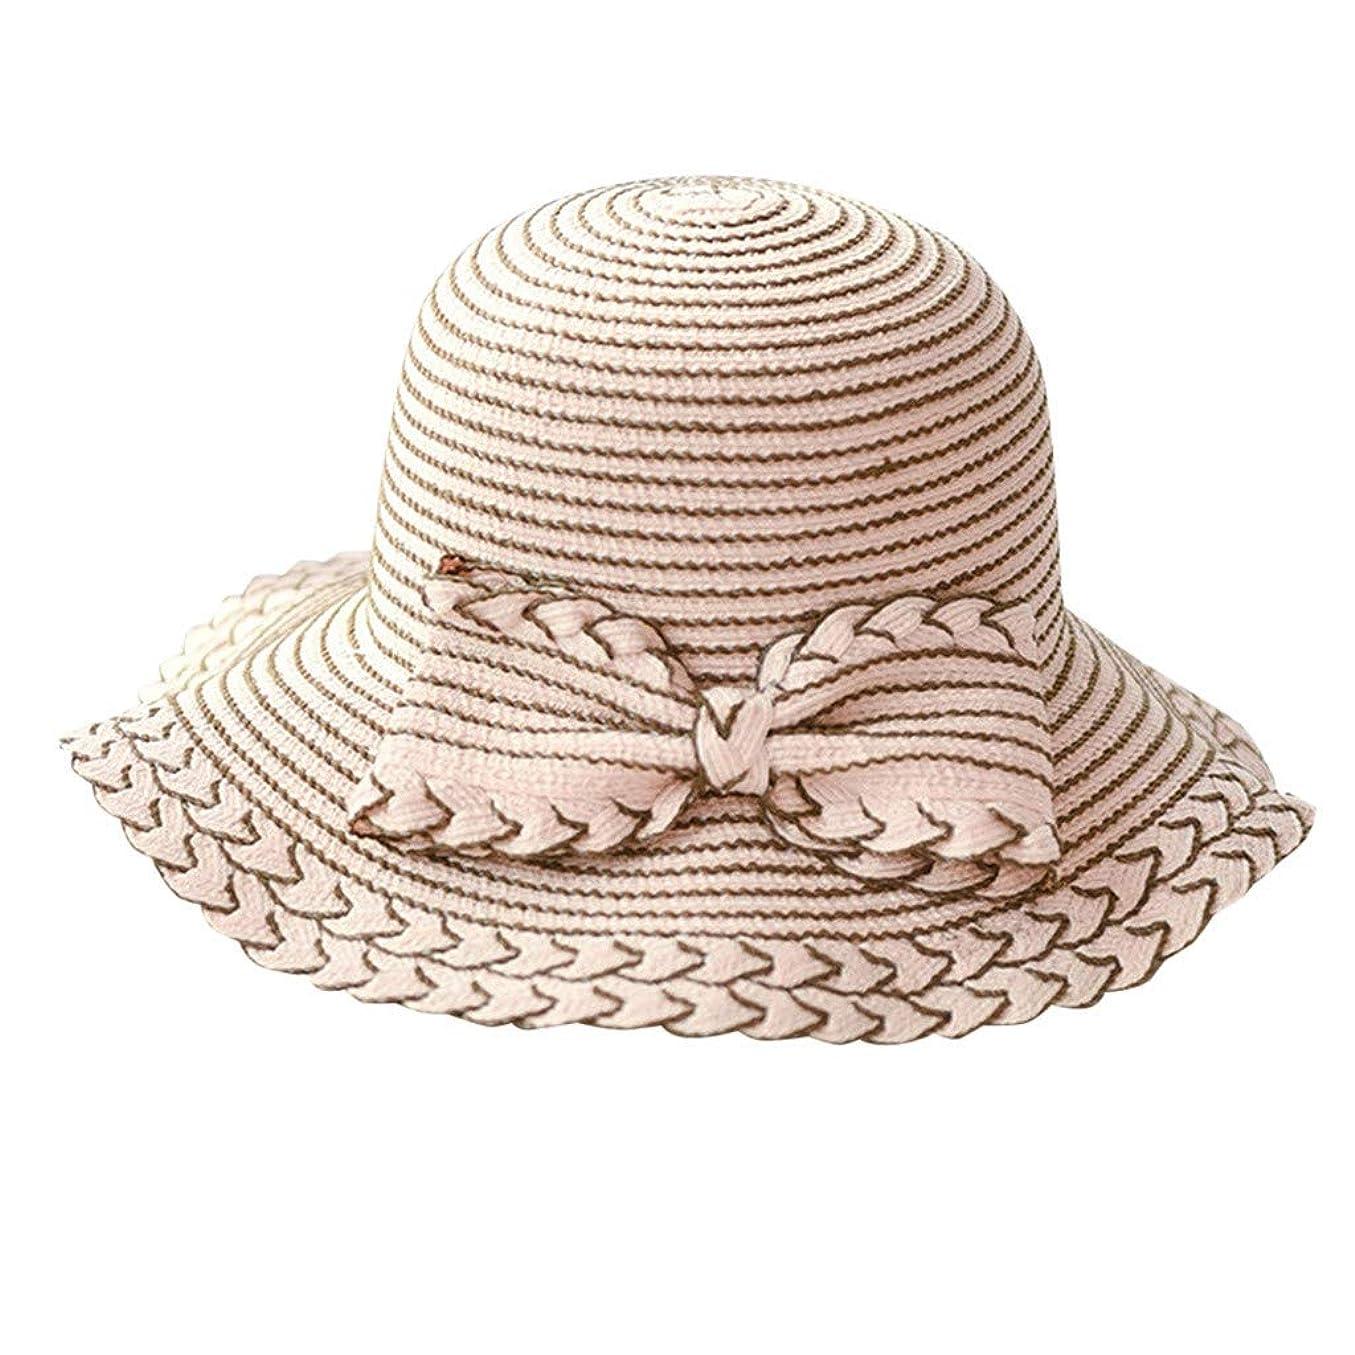 テレビを見るバウンス決定する夏 帽子 レディース UVカット 帽子 ハット レディース 日よけ 夏季 女優帽 日よけ 日焼け 折りたたみ 持ち運び つば広 吸汗通気 ハット レディース 紫外線対策 小顔効果 ワイヤー入る ハット ROSE ROMAN